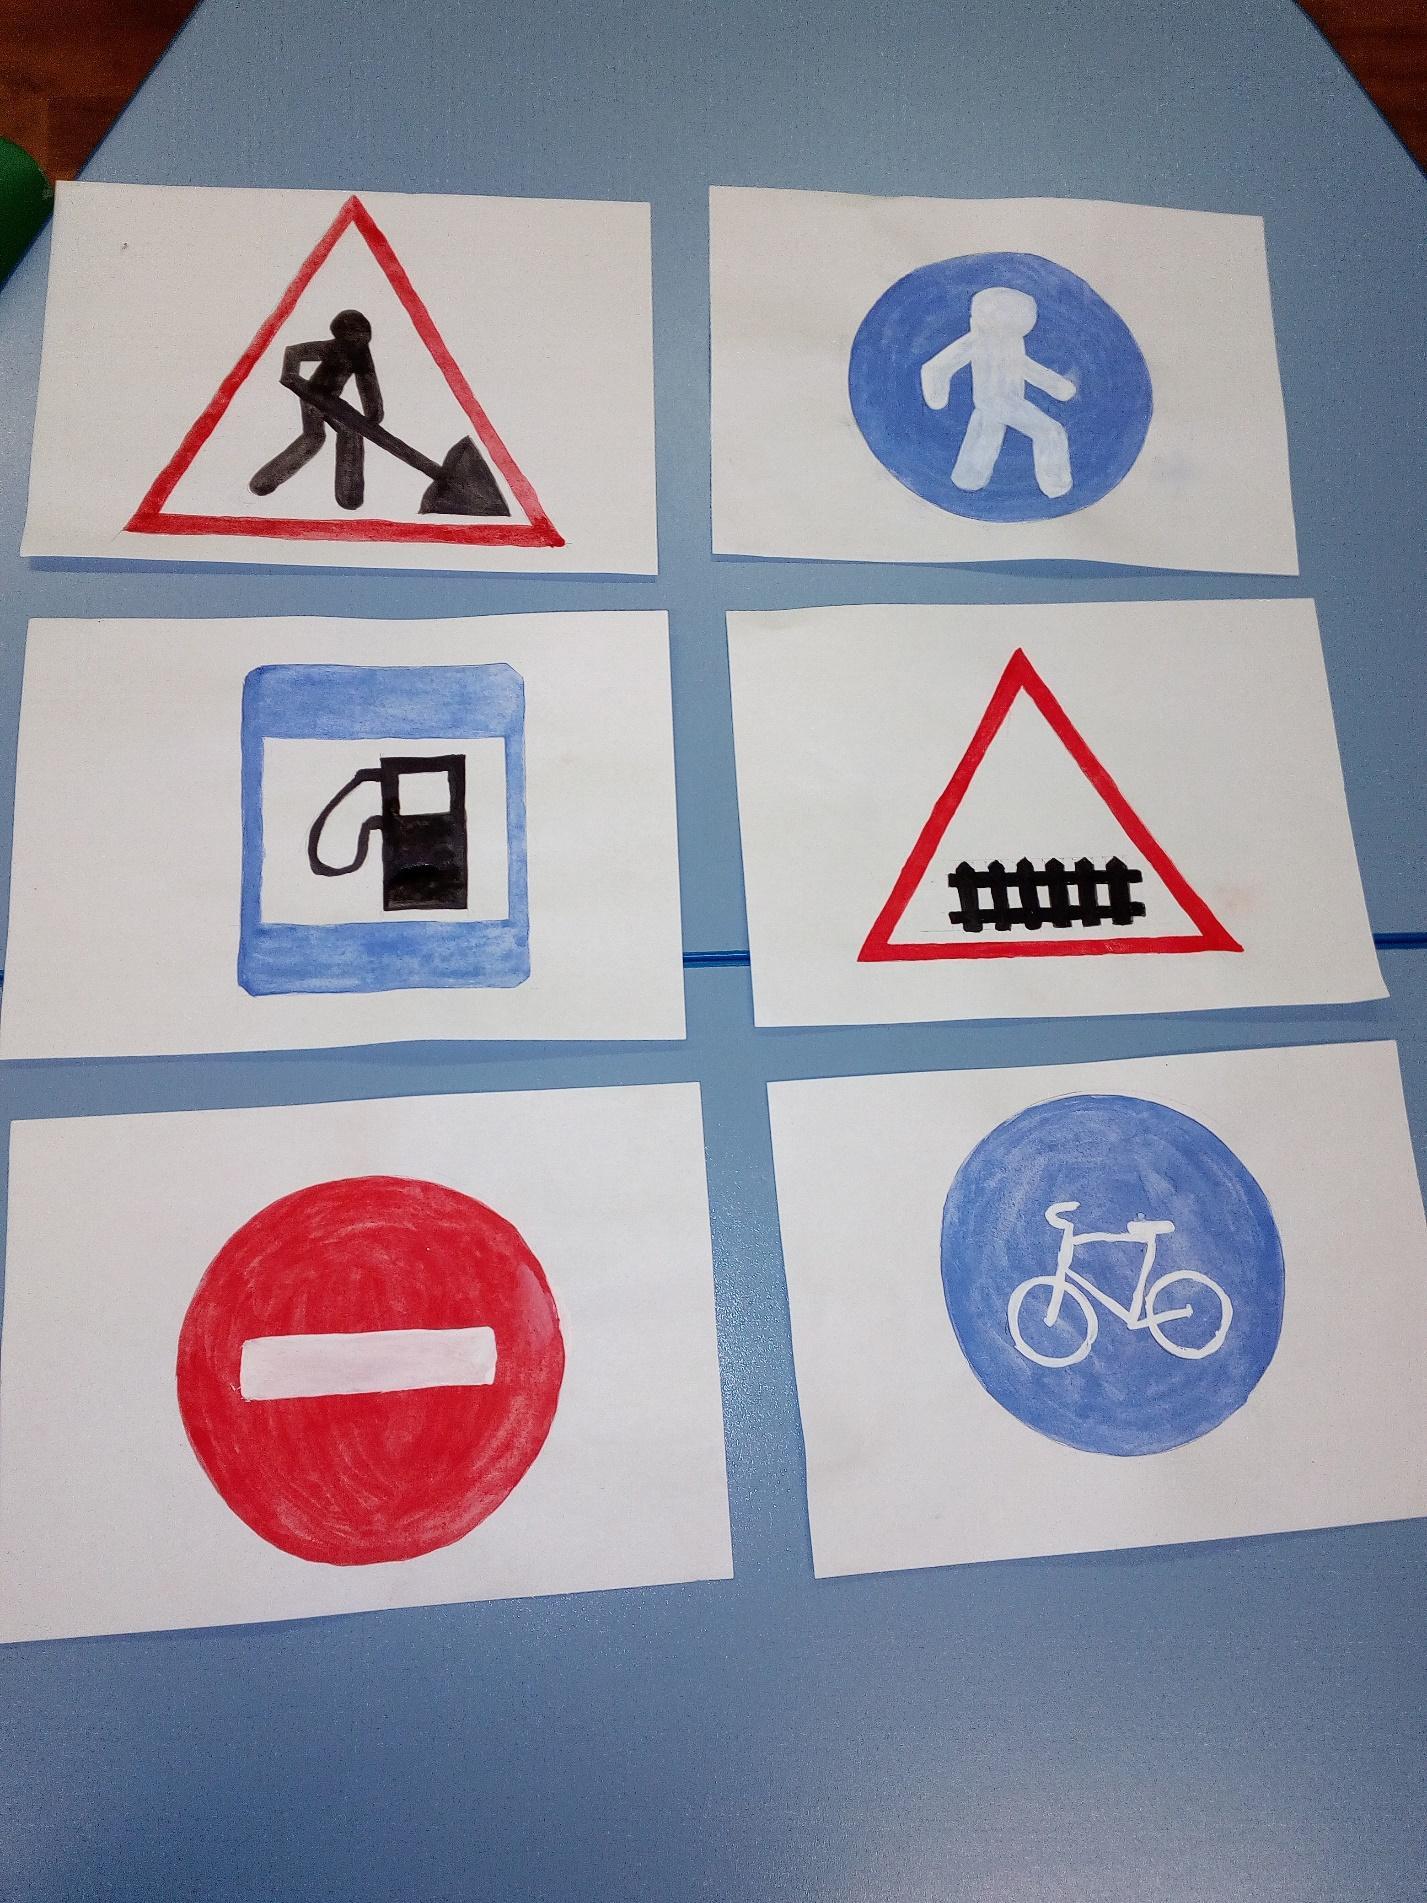 тела щуки картинки на тему дорожные знаки либо чего-то